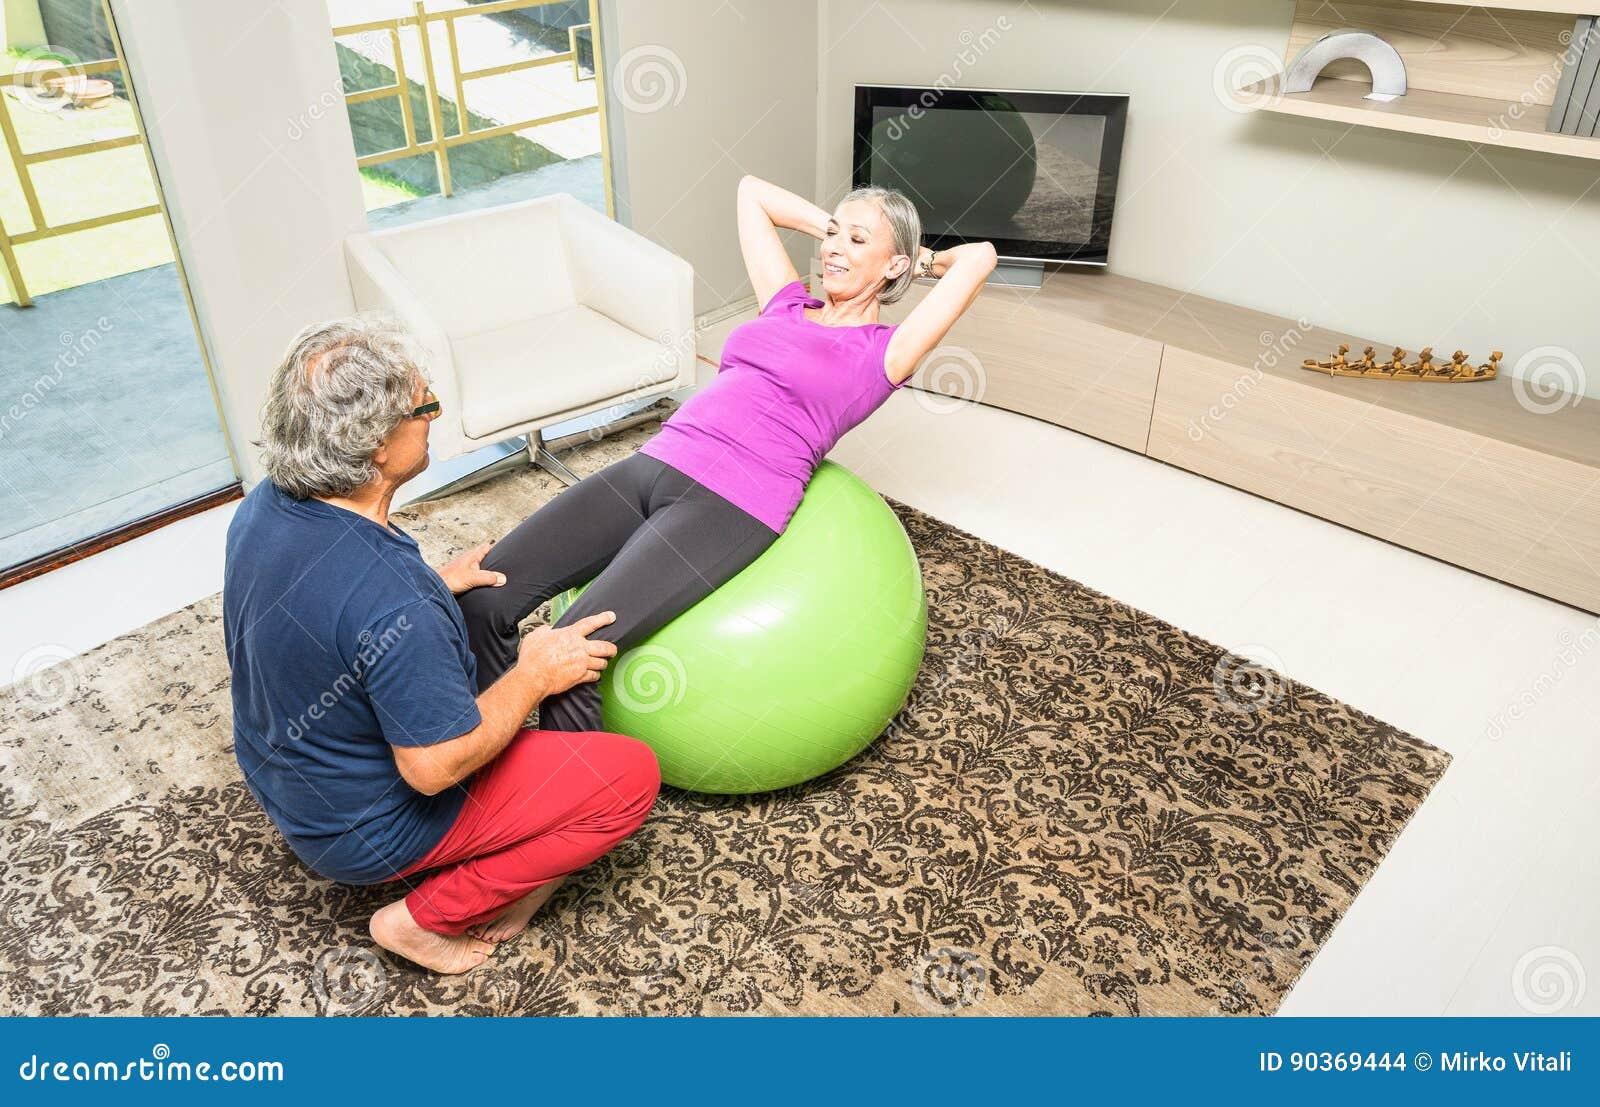 Ενεργό ηλικιωμένο ζεύγος στην κατάρτιση ικανότητας με την ελβετική σφαίρα στο σπίτι